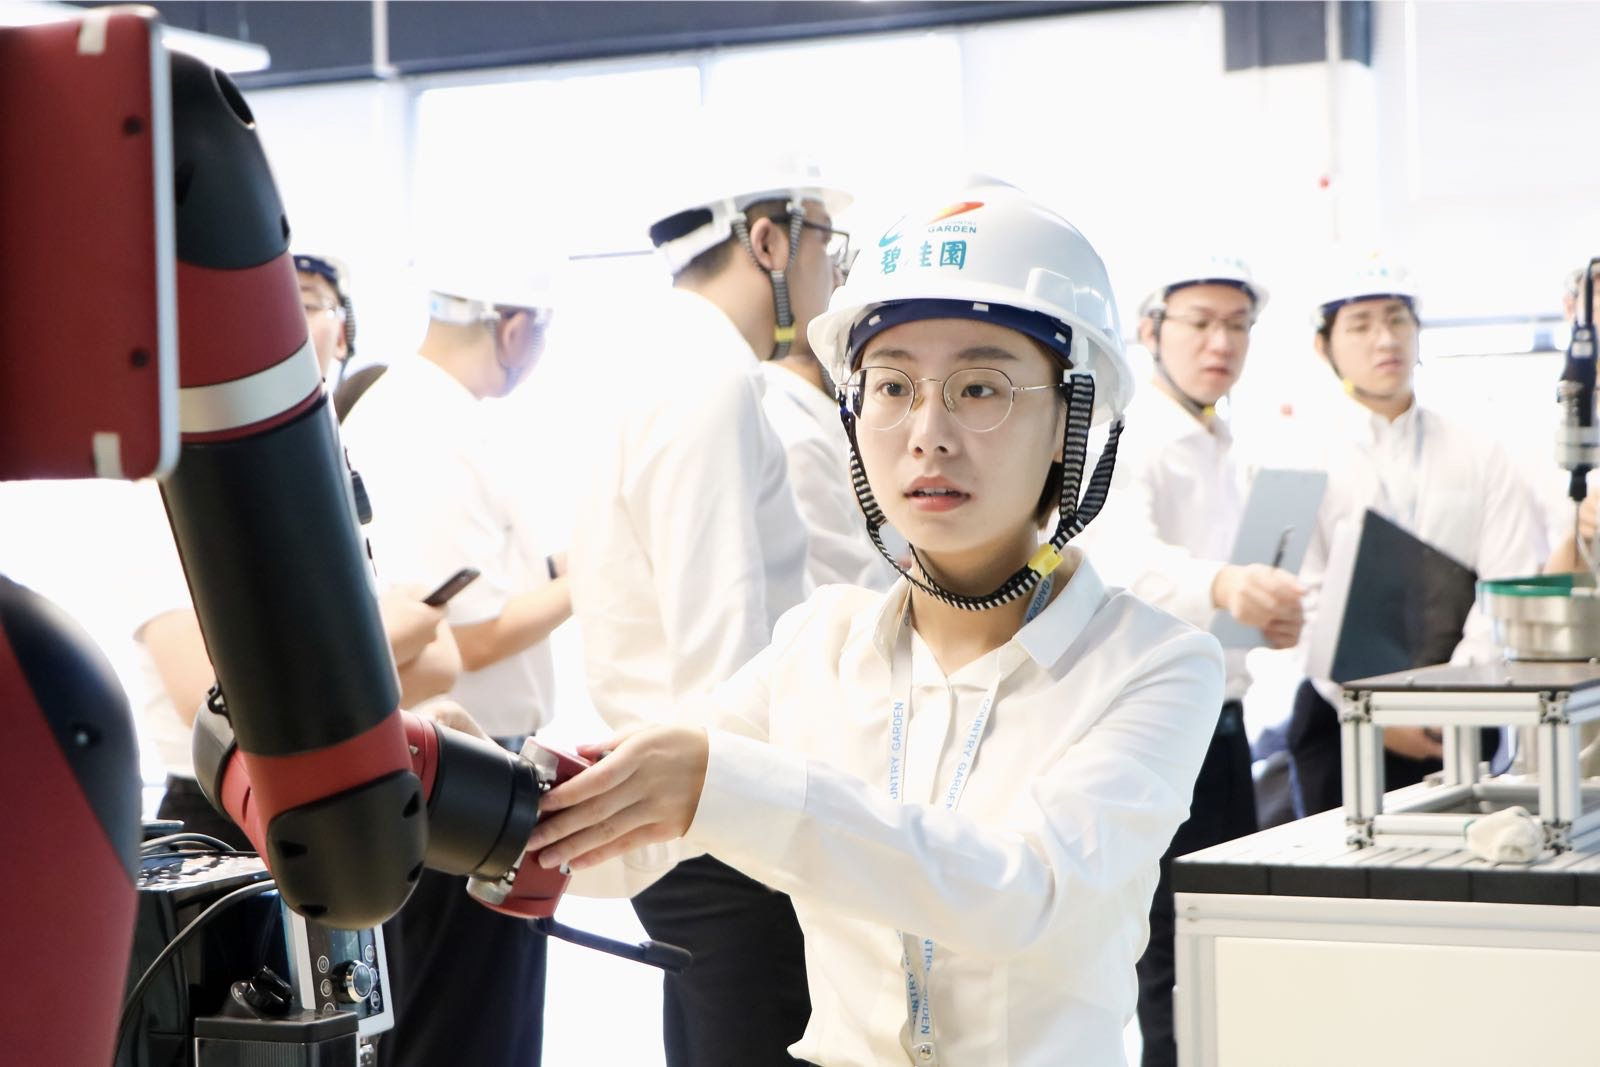 官宣:碧桂园将向高科技综合性企业转型